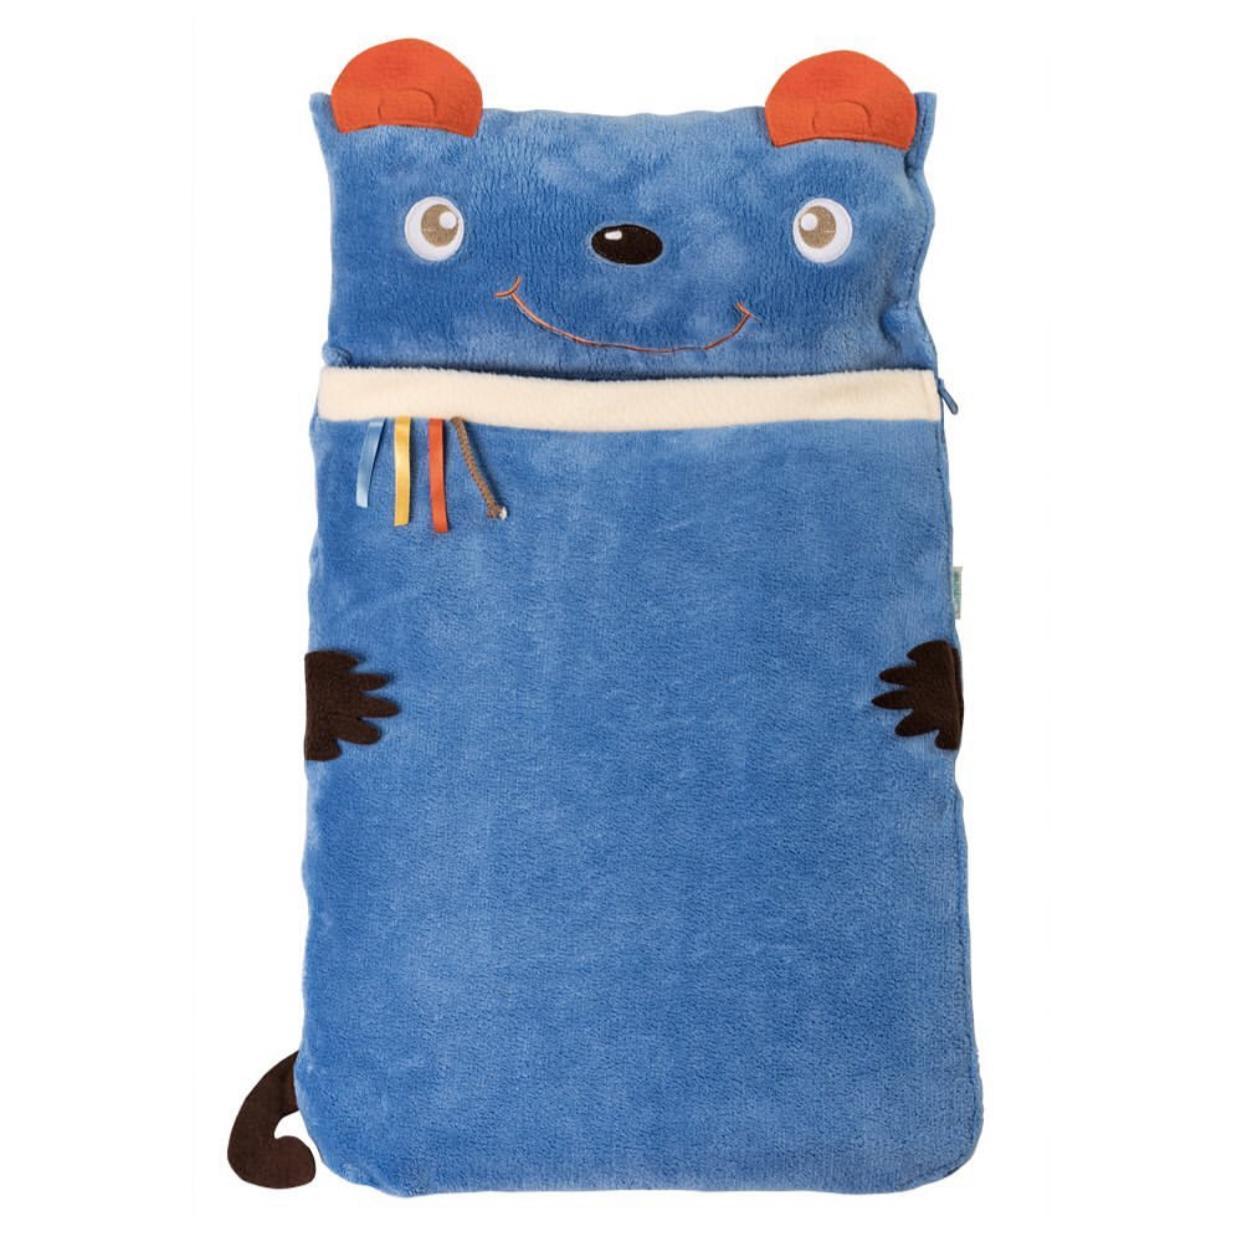 Sleeping bag con almohada azul